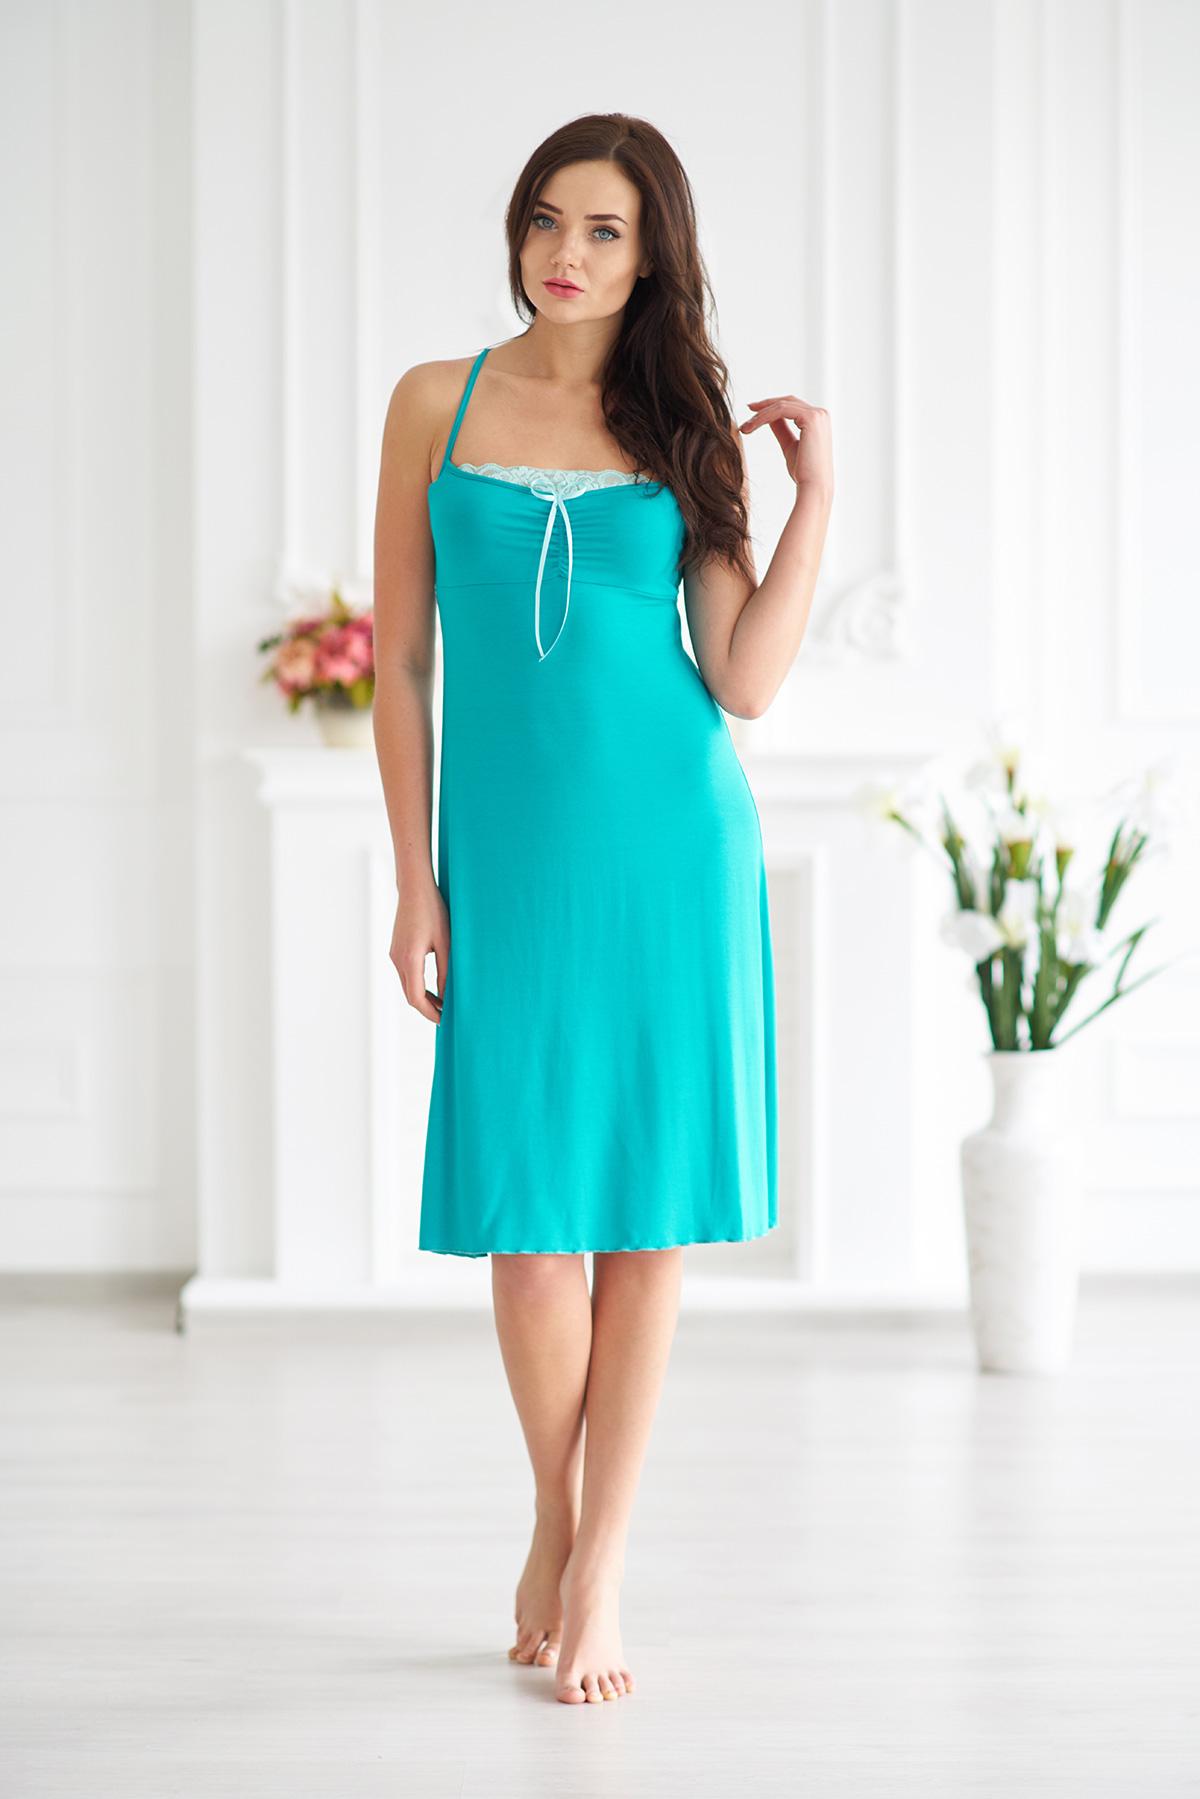 Жен. сорочка арт. 19-0019 Изумрудный р. 42Ночные сорочки<br>Факт. ОГ: 62 см <br>Факт. ОТ: 76 см <br>Факт. ОБ: 96 см <br>Длина по спинке: 76 см<br><br>Тип: Жен. сорочка<br>Размер: 42<br>Материал: Вискоза